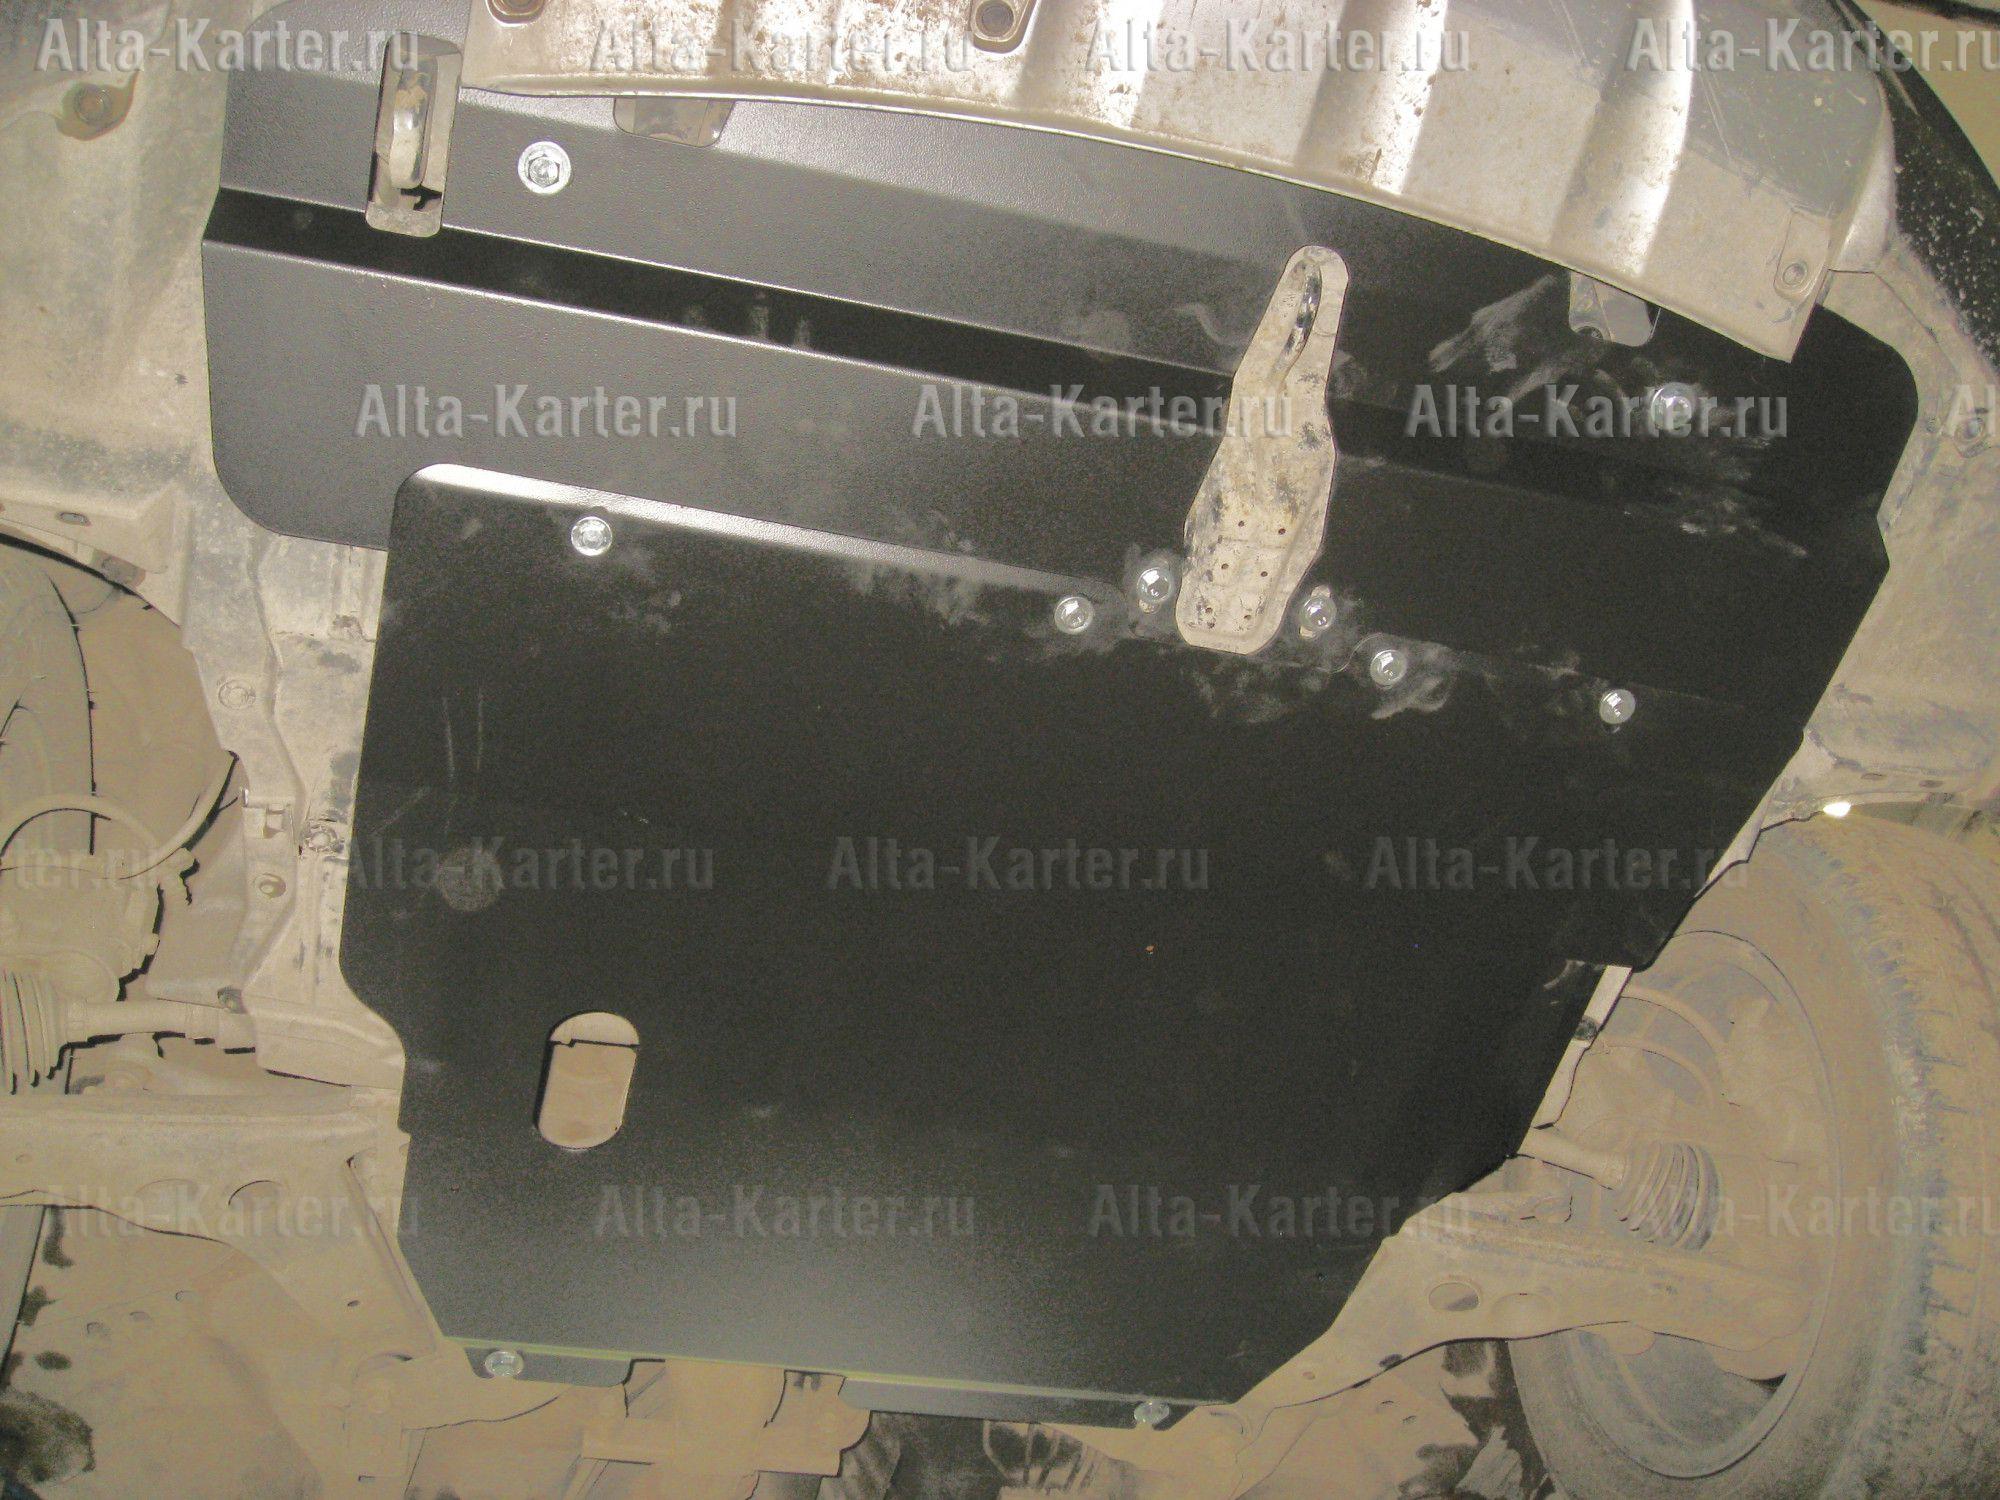 Защита Alfeco для картера и КПП Mitsubishi Airtrek 2001-2008. Артикул ALF.14.16